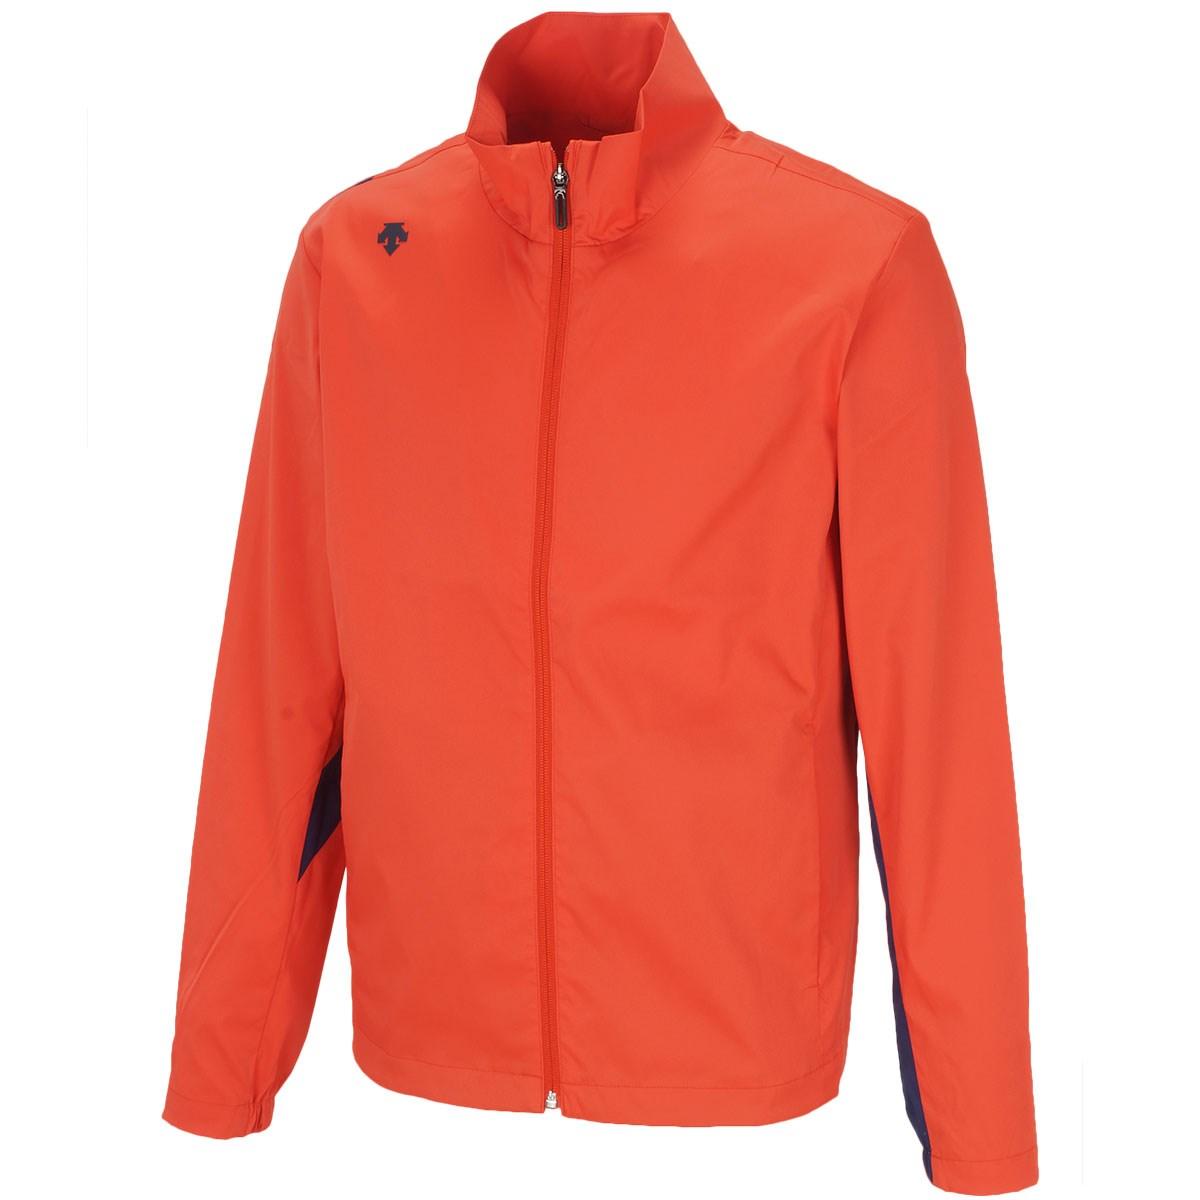 デサントゴルフ(DESCENTE GOLF) フィッティブライトツイルストレッチライジング切り替えジャケット